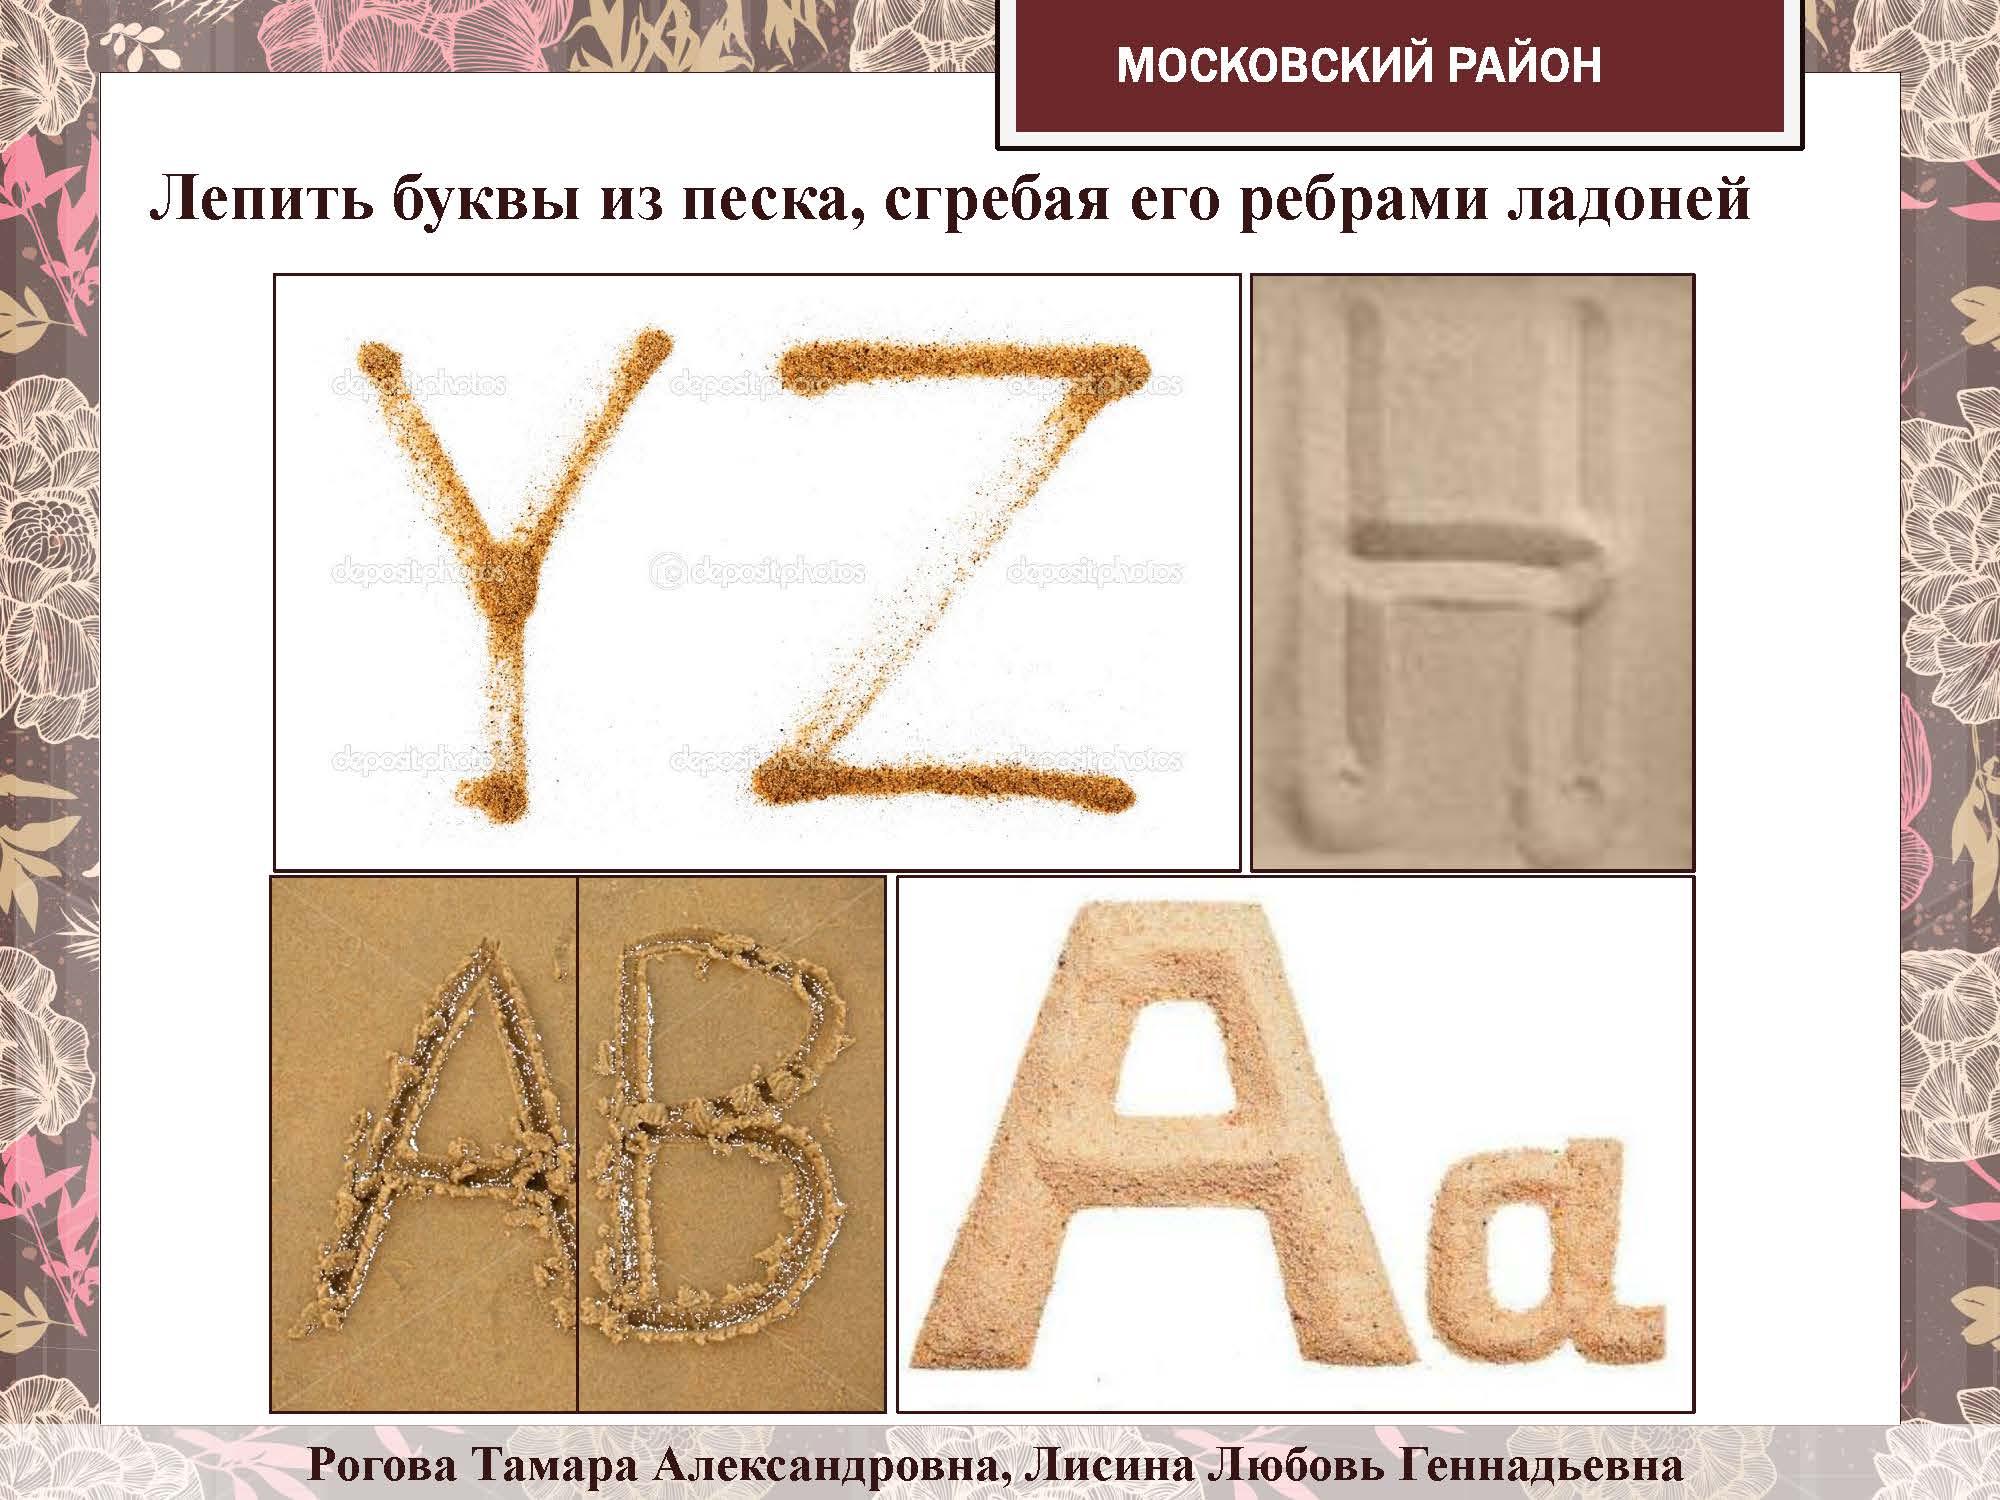 секция 8. ДОУ 10, Московский район_Страница_19